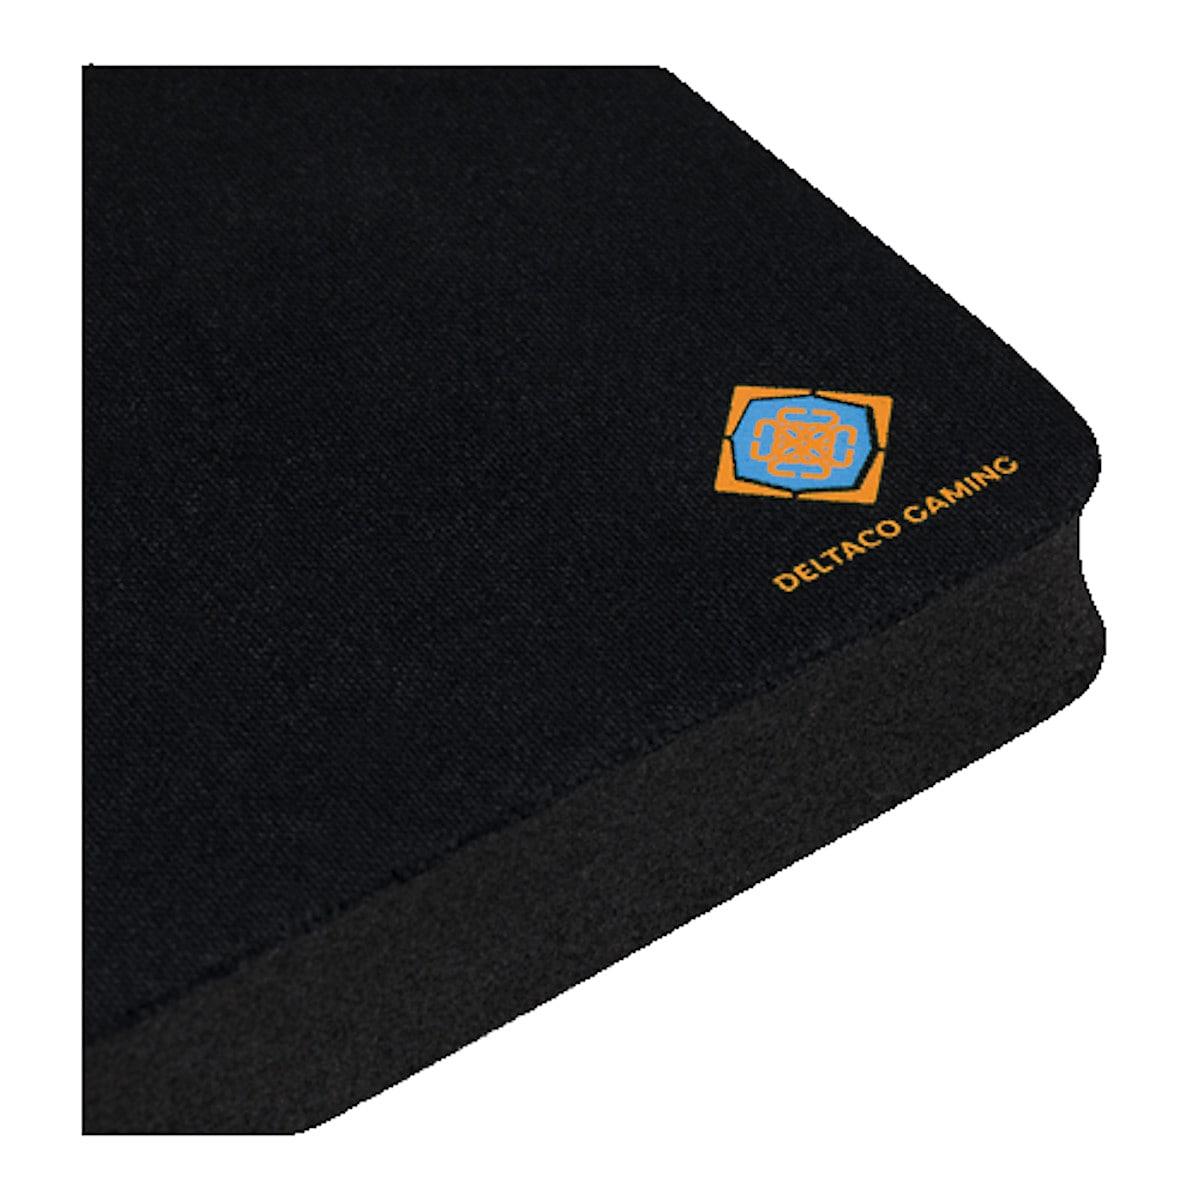 Handballenauflage DELTACO GAMING